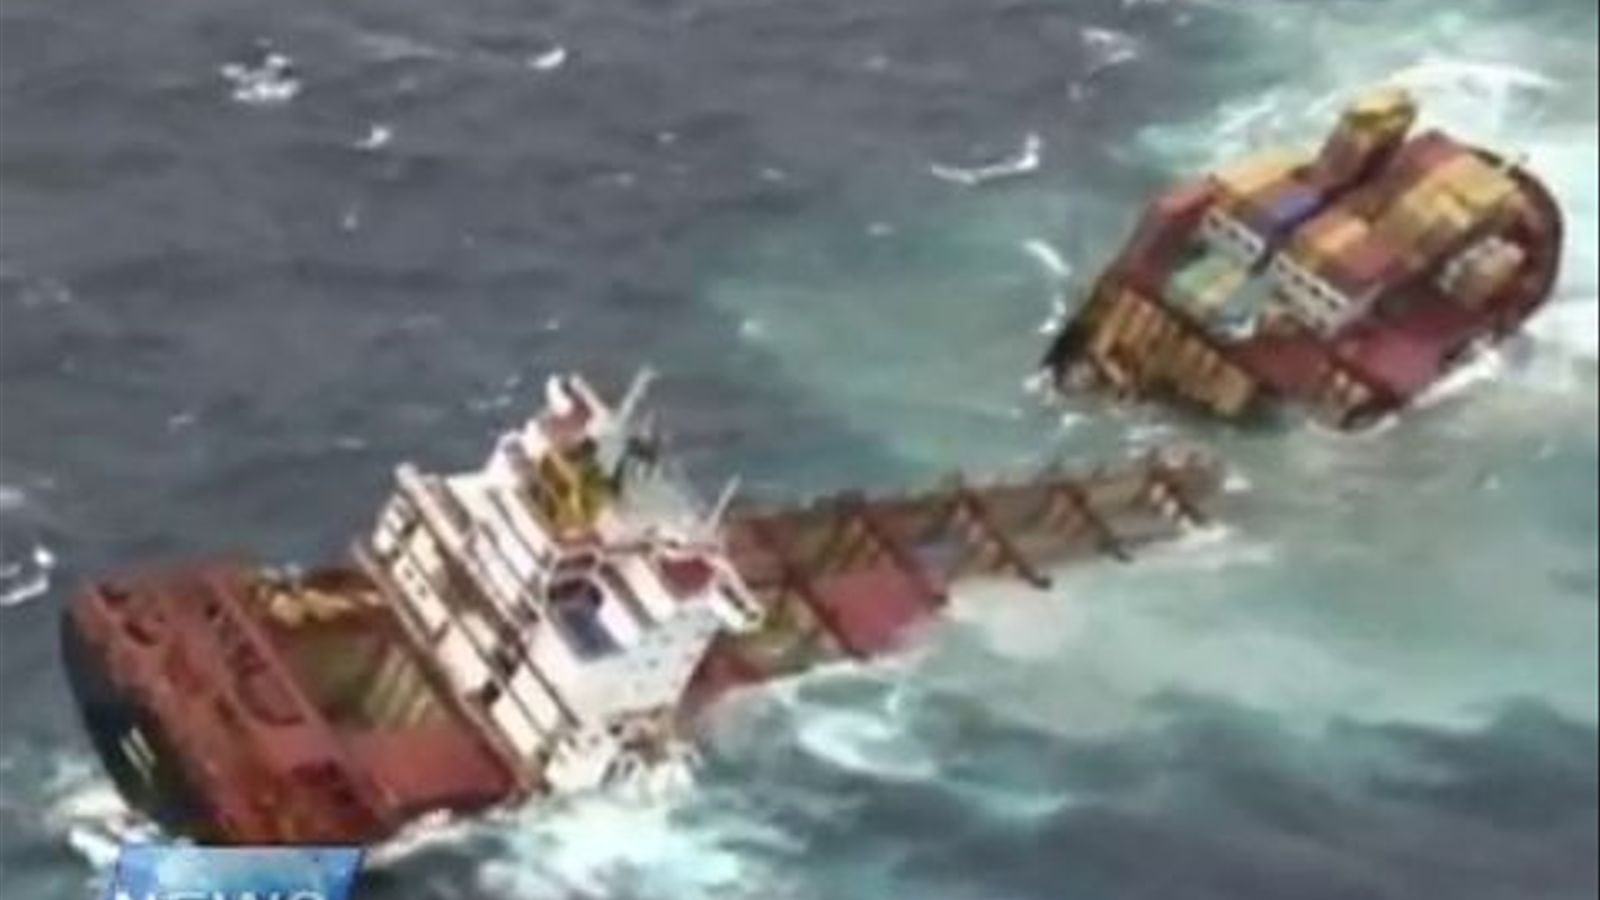 La mala mar parteix en dos un vaixell a Nova Zelanda